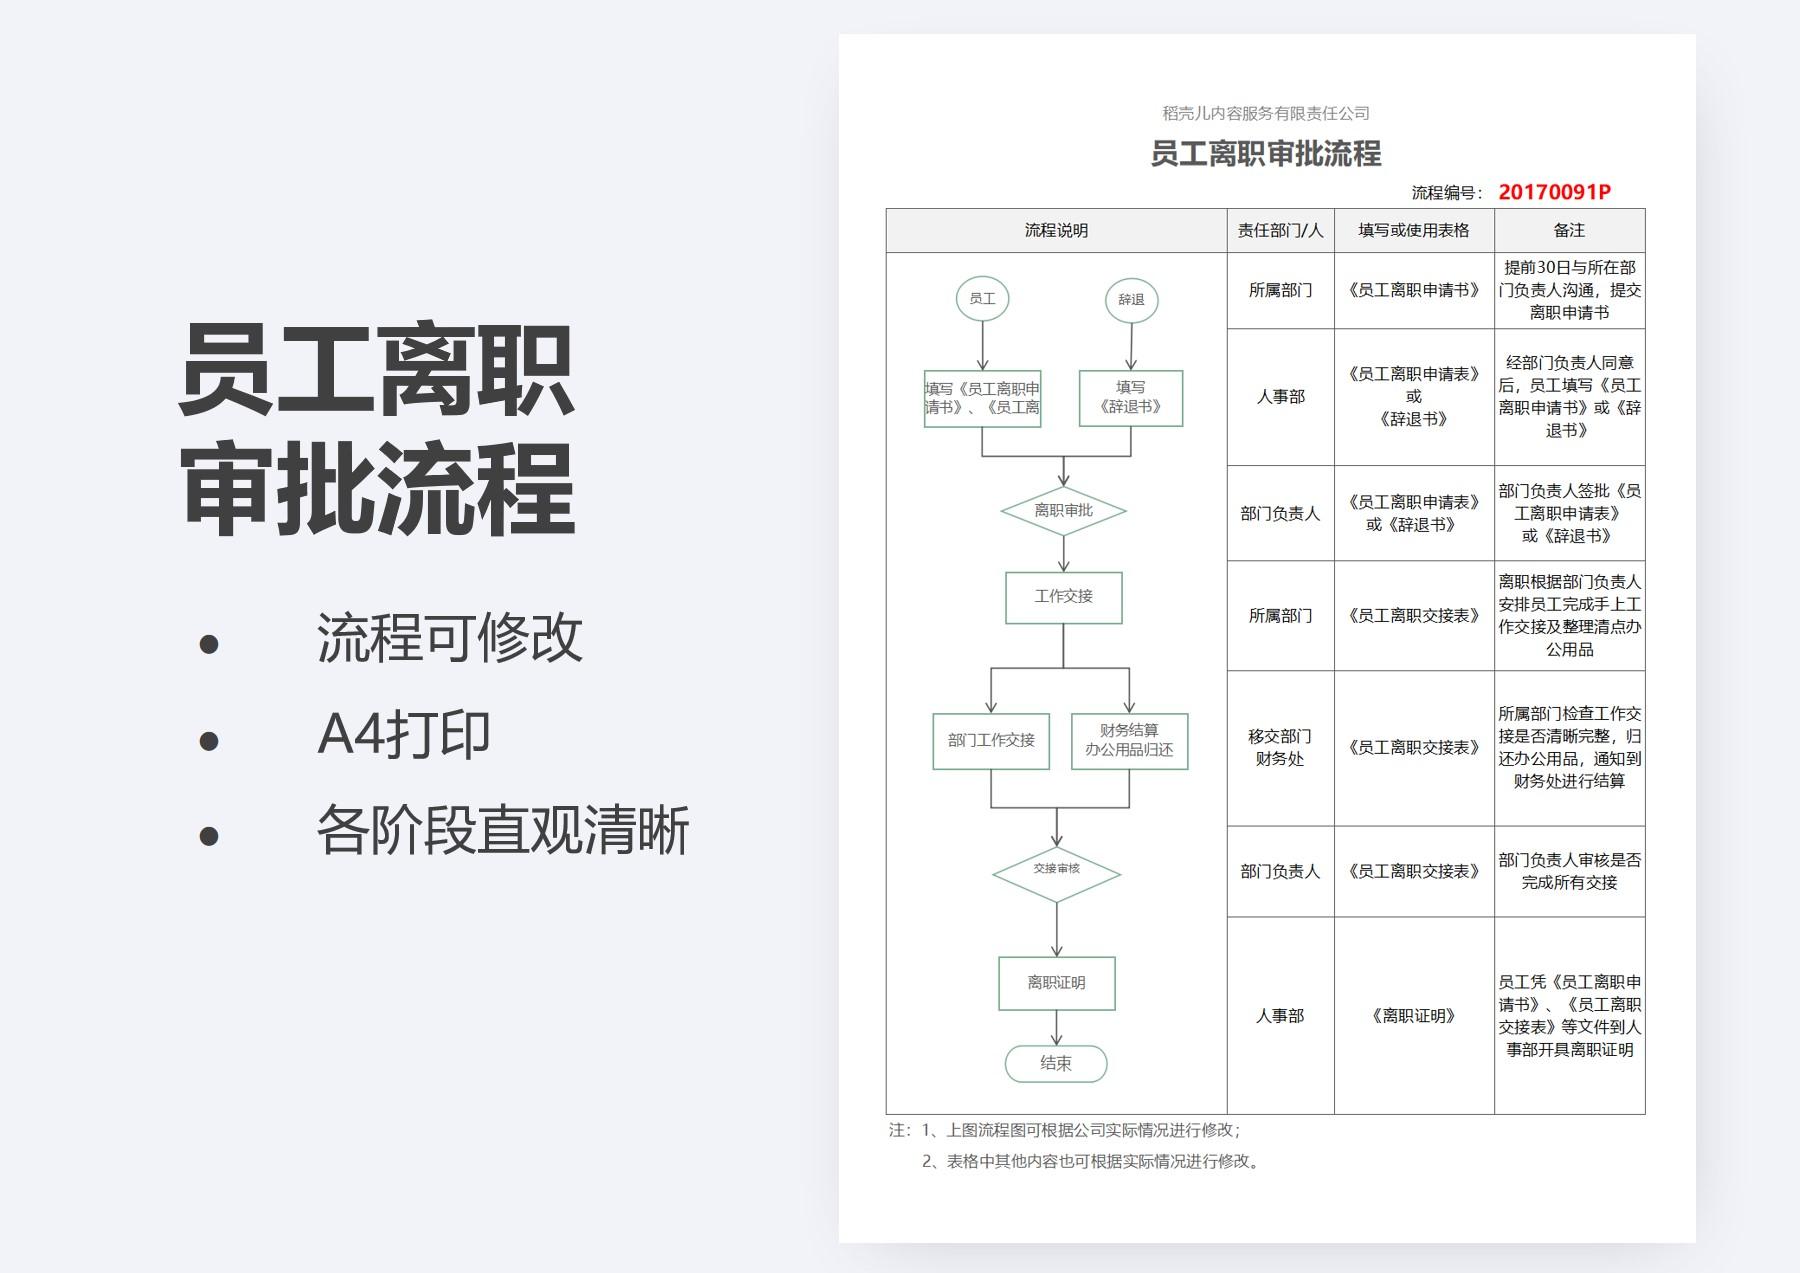 员工离职流程图-纵版.xlsx